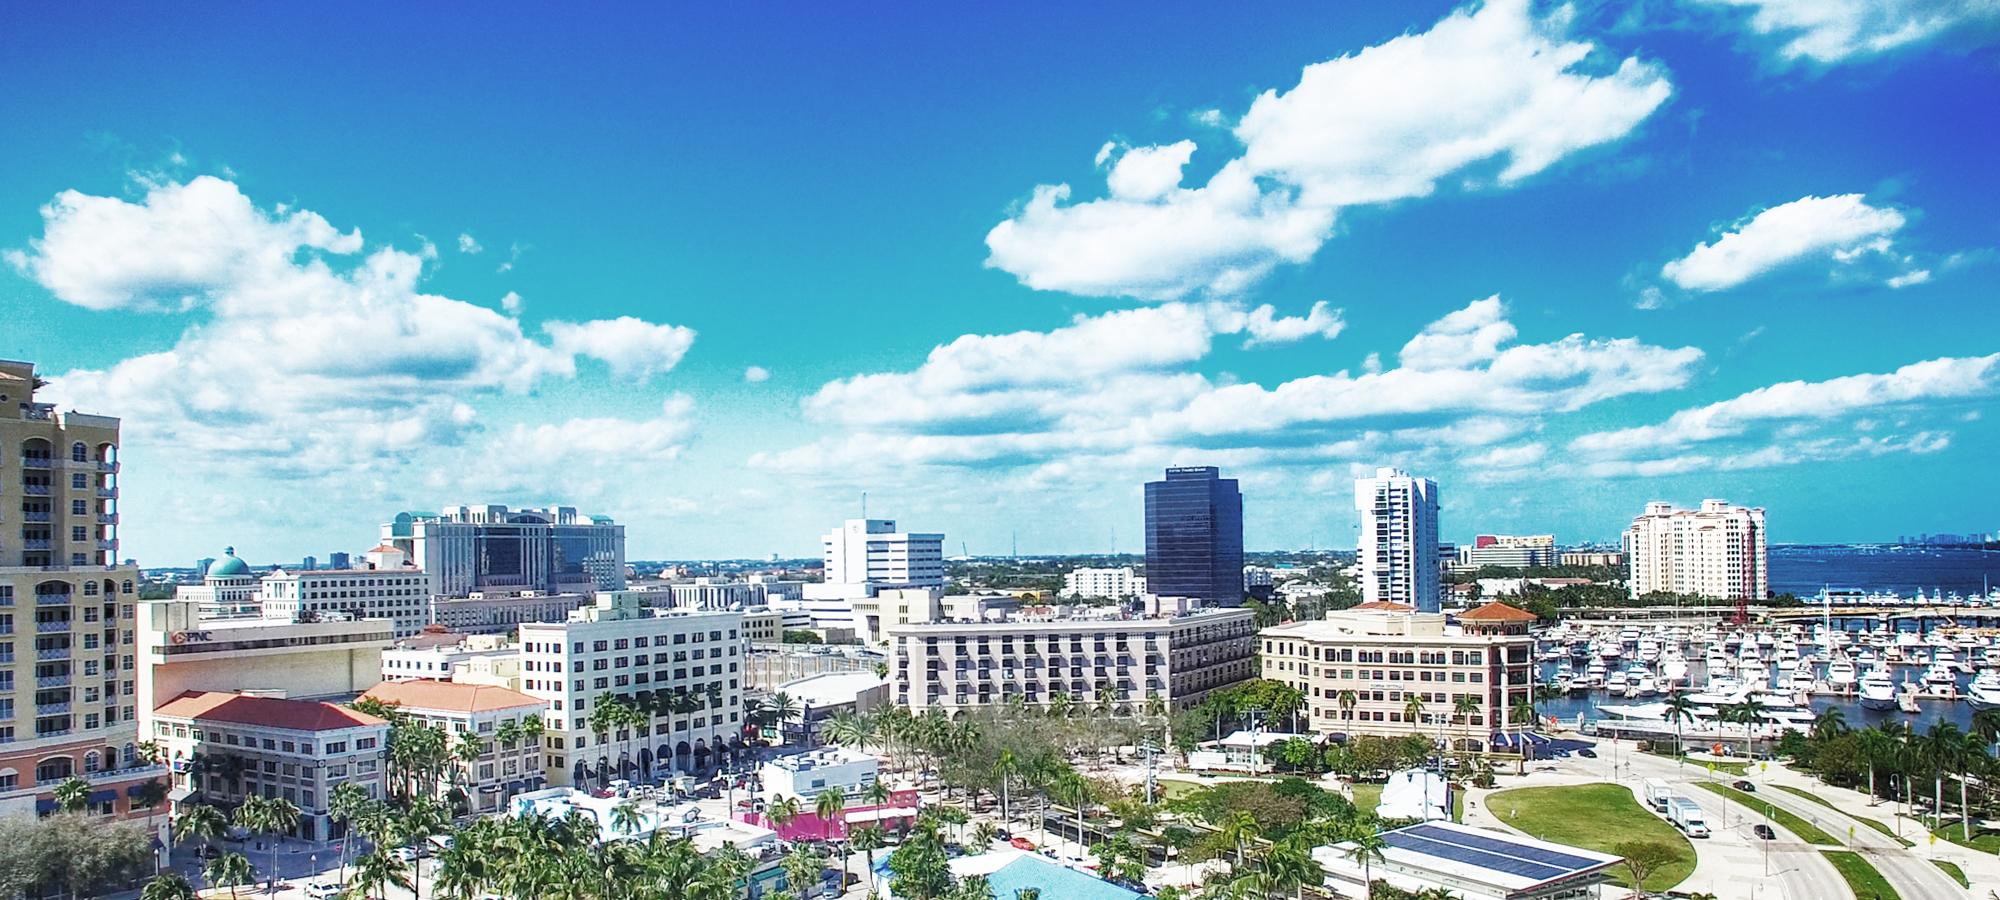 WestPalmBeach FL skyline